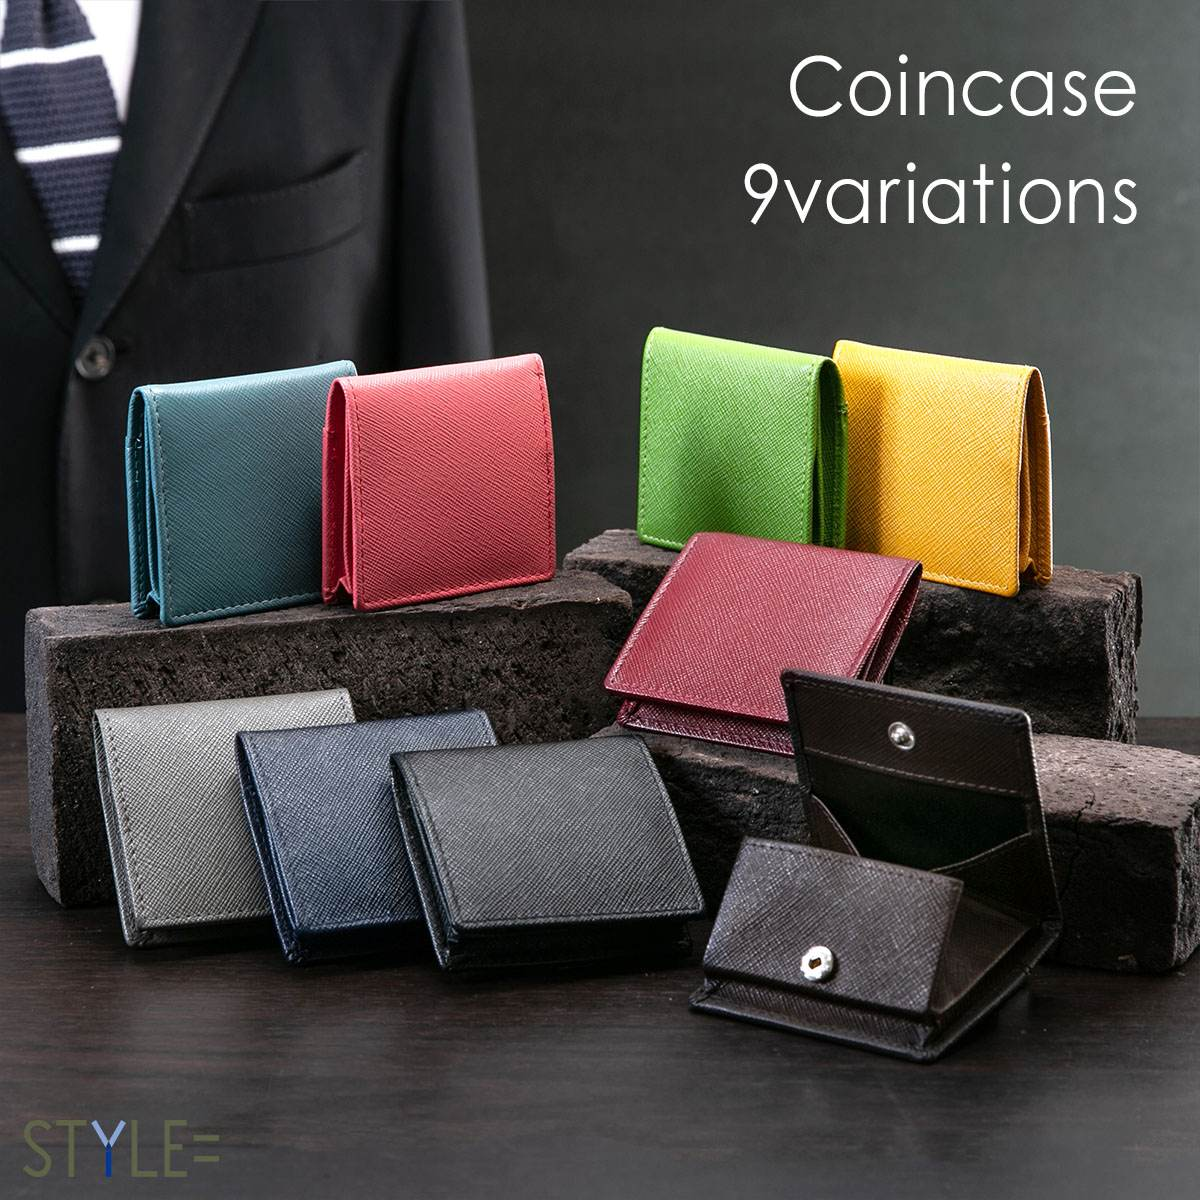 【楽天ランキング1位!】 小銭入れ コインケース 本革 メンズ レディース 出しやすい ボックス型 コンパクト スナップボタン 財布